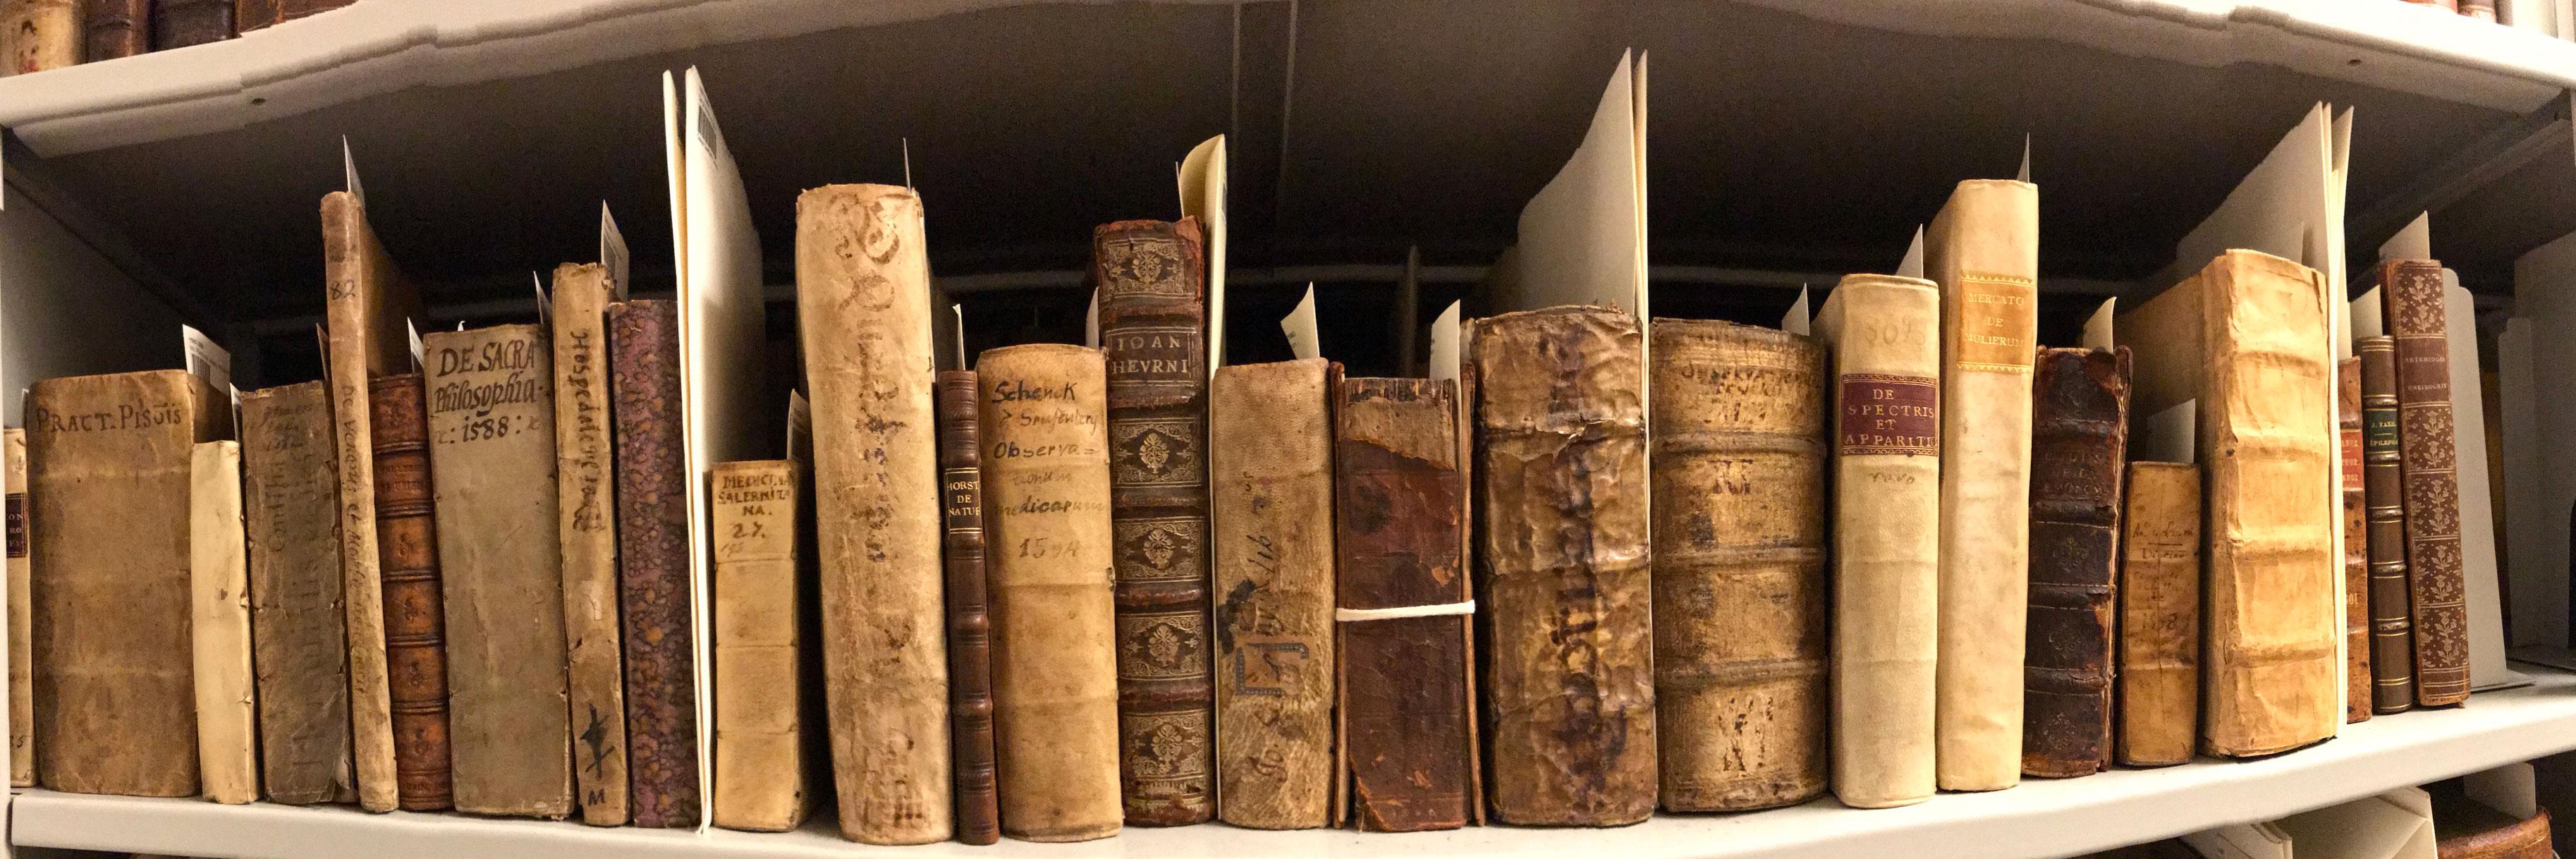 Oskar Diethelm Library Stacks